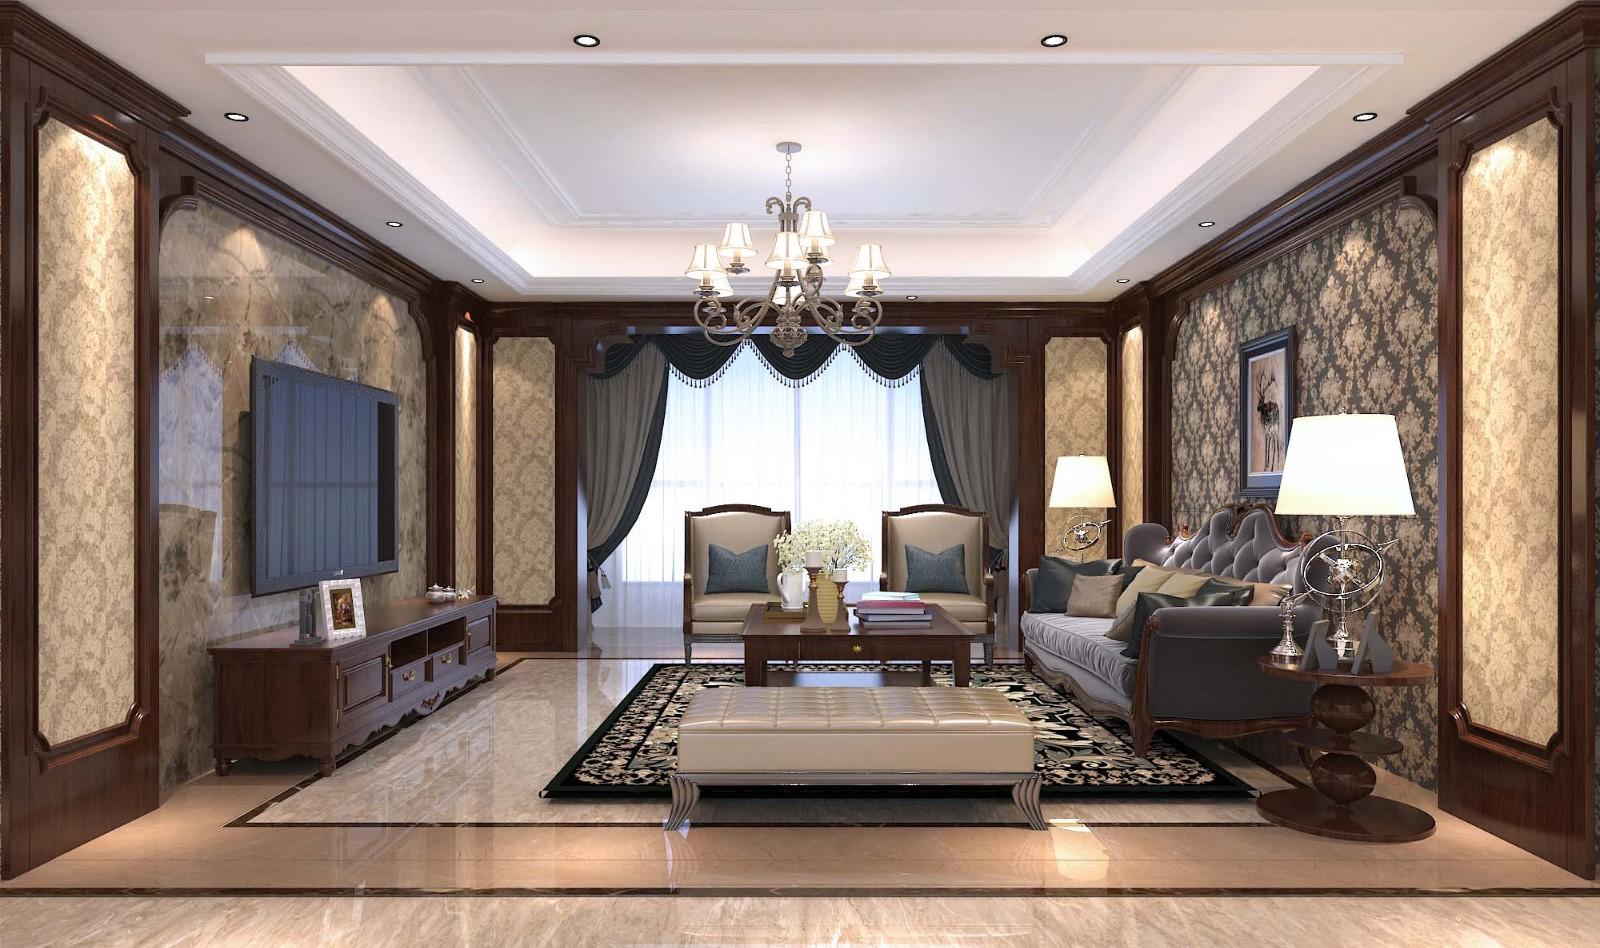 180平米大户型美式4室2厅装修效果图